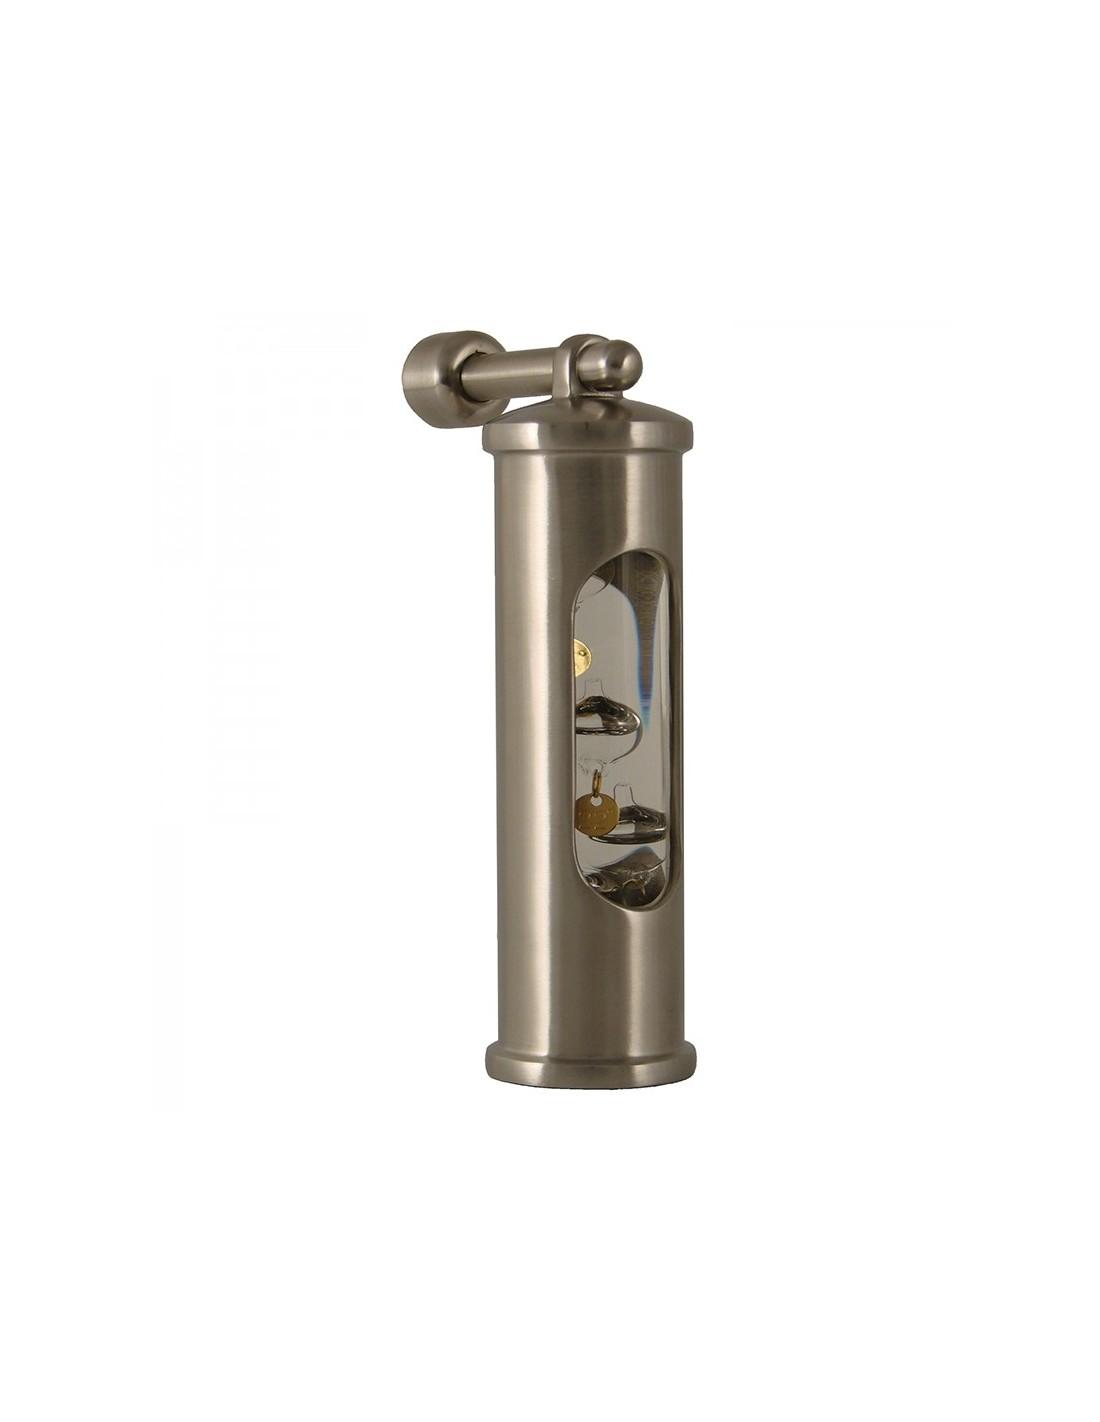 Galileiglas Met Ophanghaak - Geborsteld RVS